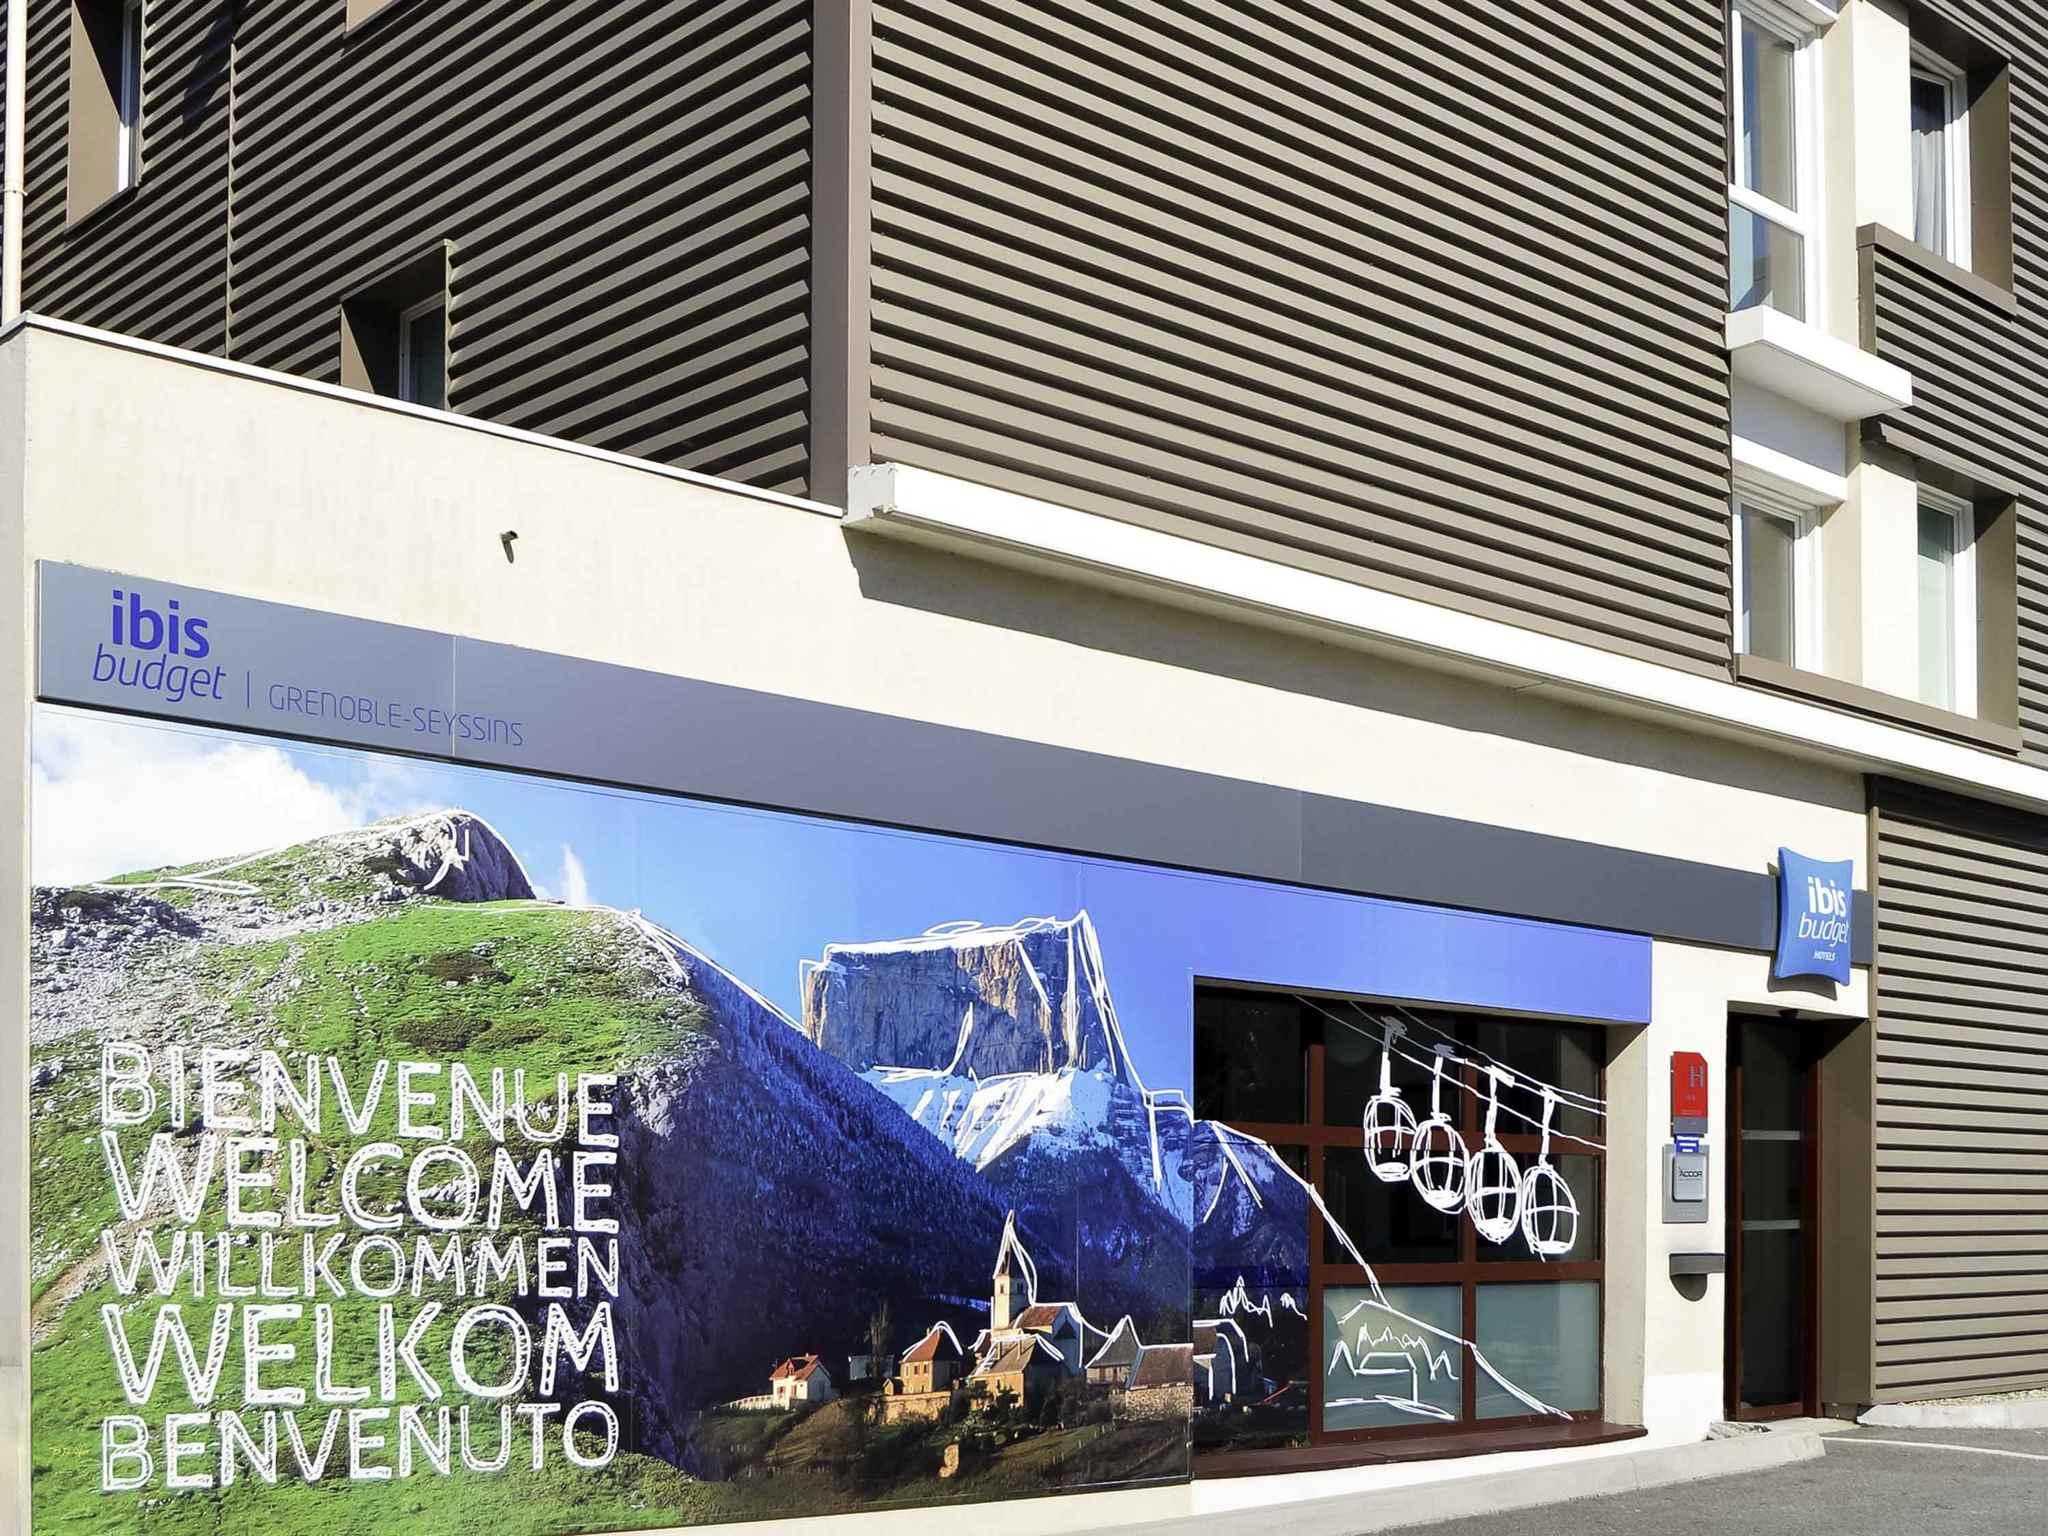 Ibis Hotel Grenoble